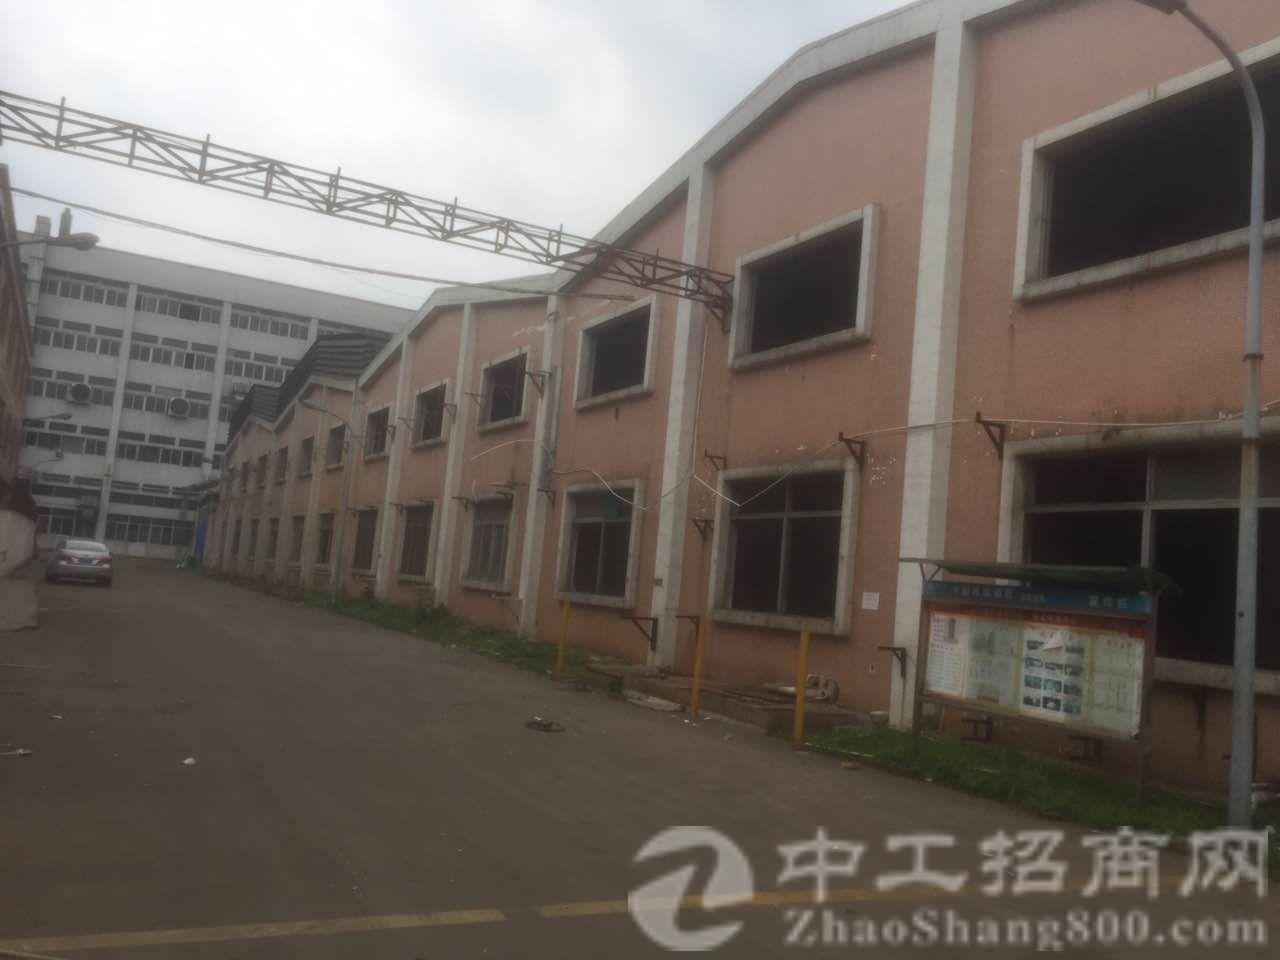 茶山新出实业客分租一层 厂房3500可挂10吨行车 电315